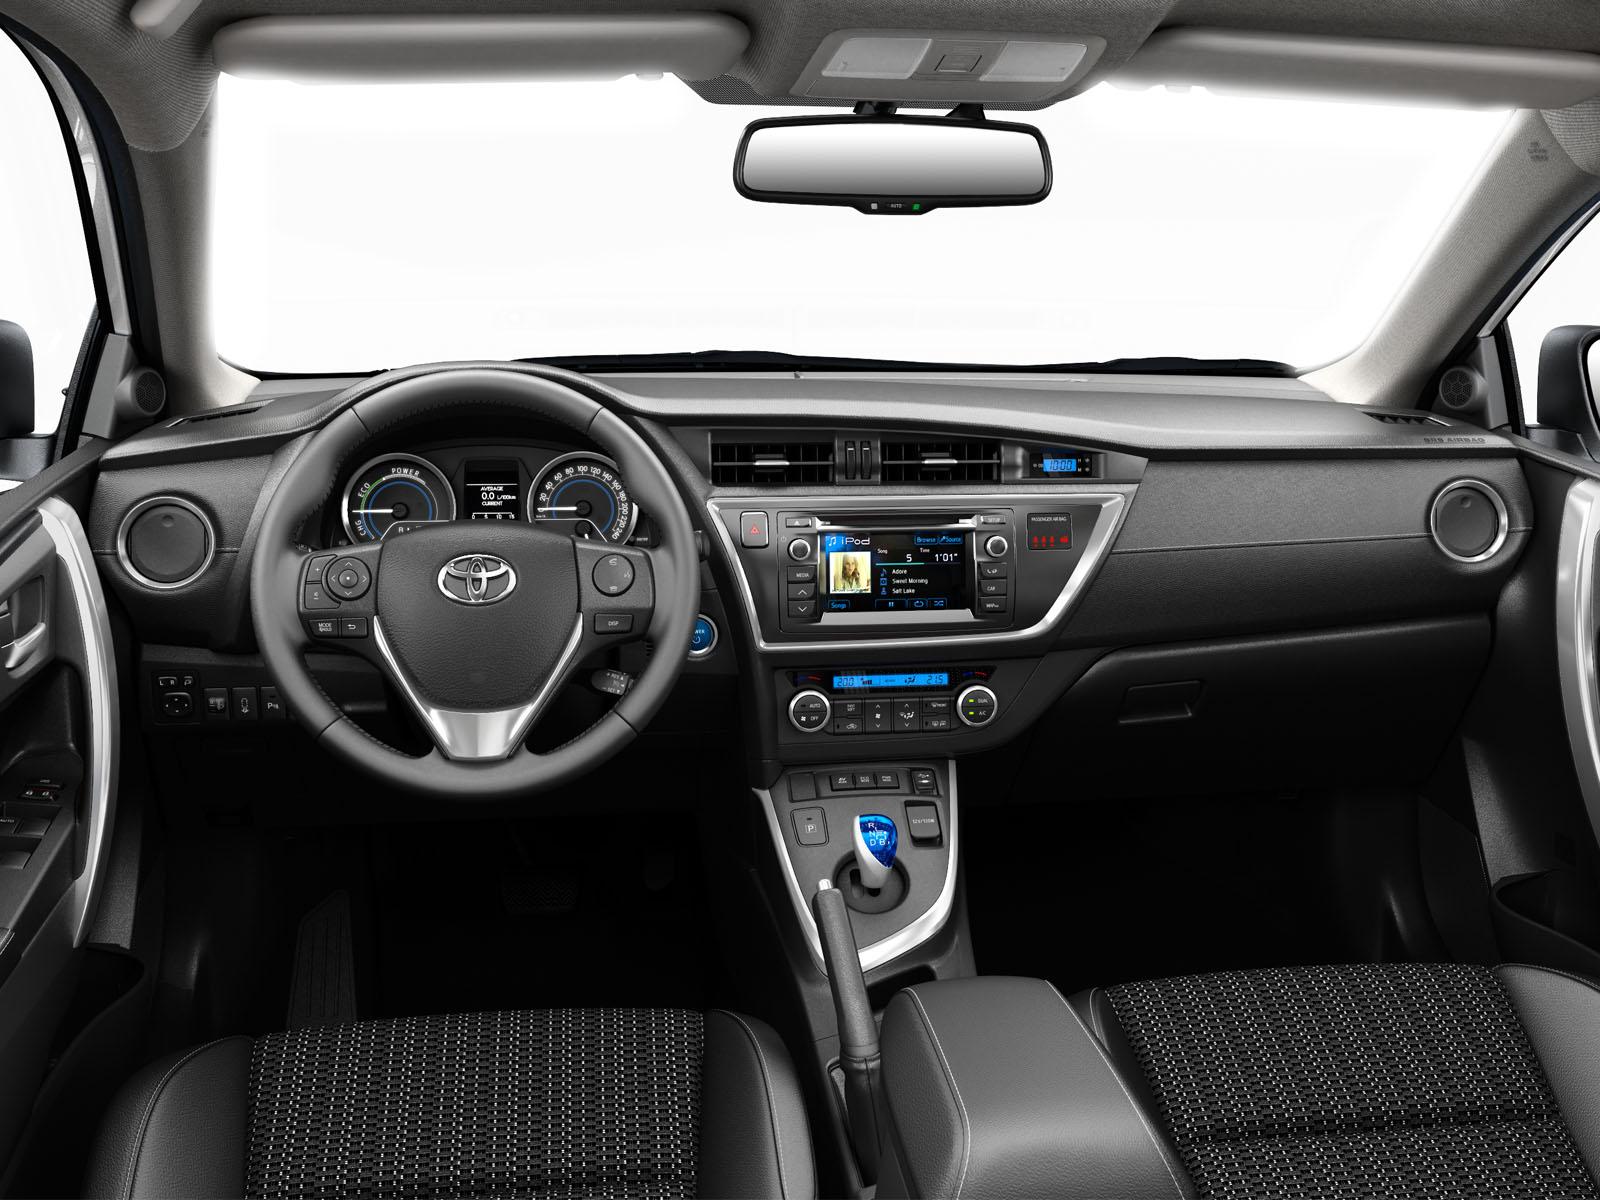 Yeni Toyota Auris Fiyat Listesi